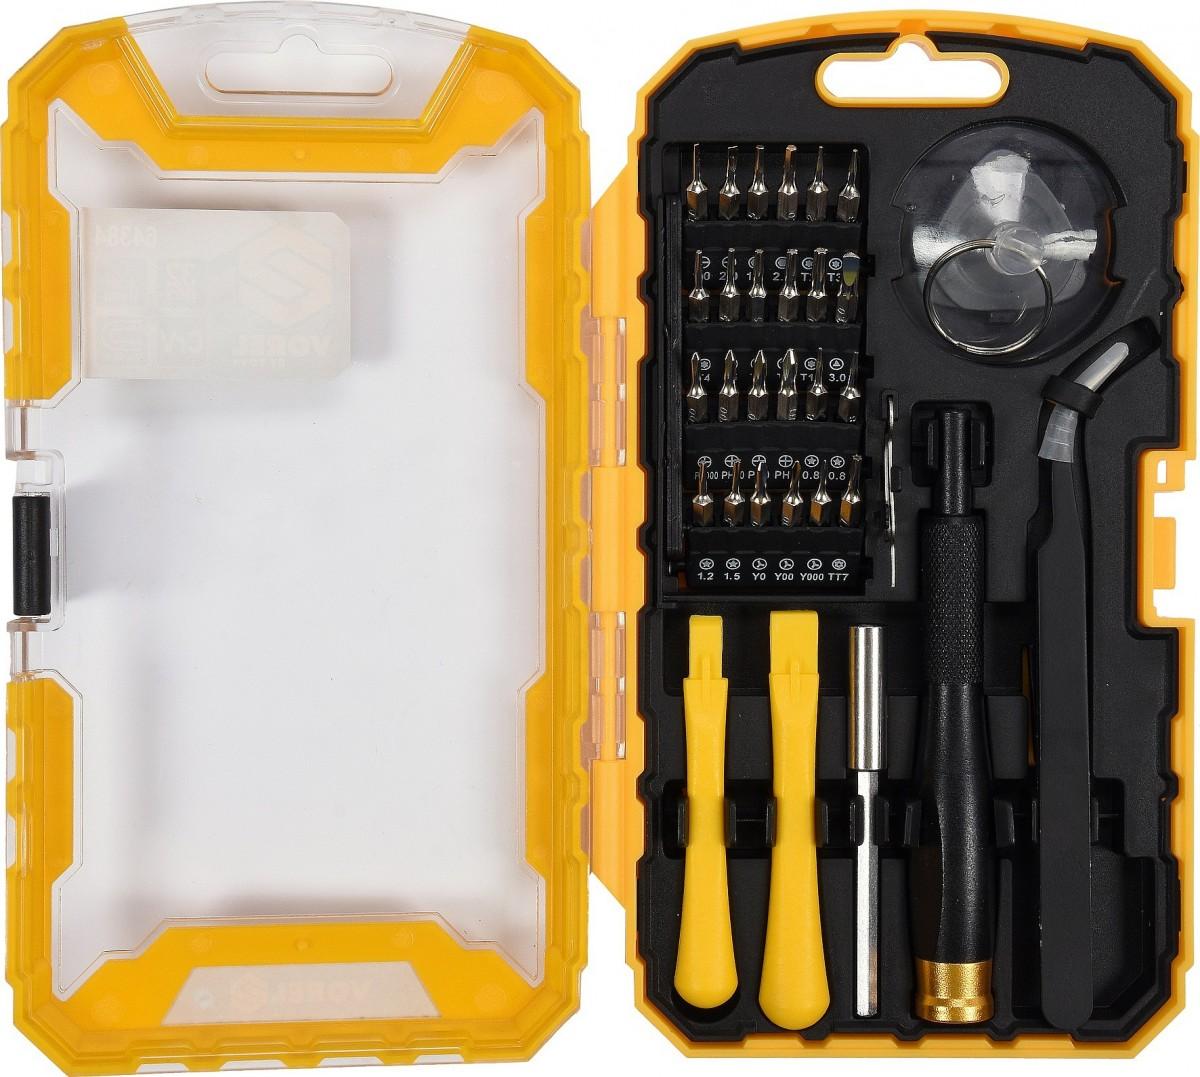 Šroubovák s nástavci a nástroji pro mobilní telefony sada 32ks TO-64384